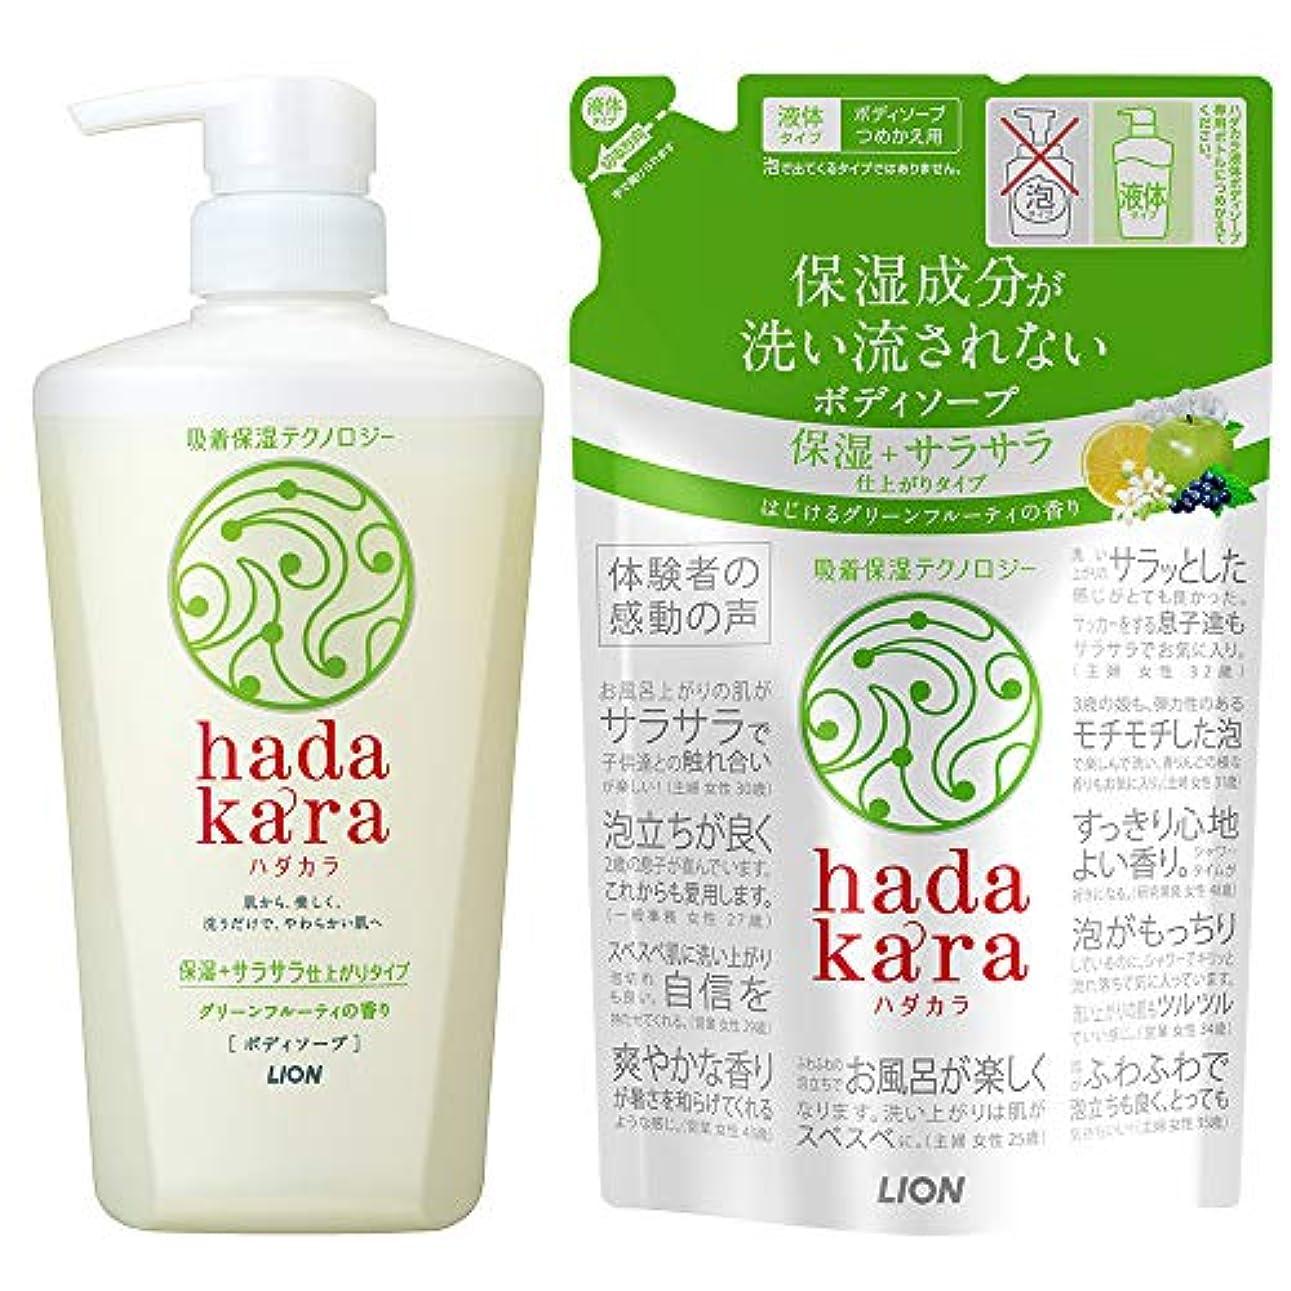 幸運訴える転用hadakara(ハダカラ) ボディソープ 保湿+サラサラ仕上がりタイプ グリーンフルーティの香り (本体480ml+つめかえ340ml) グリーンフルーティ(保湿+サラサラ仕上がり) +